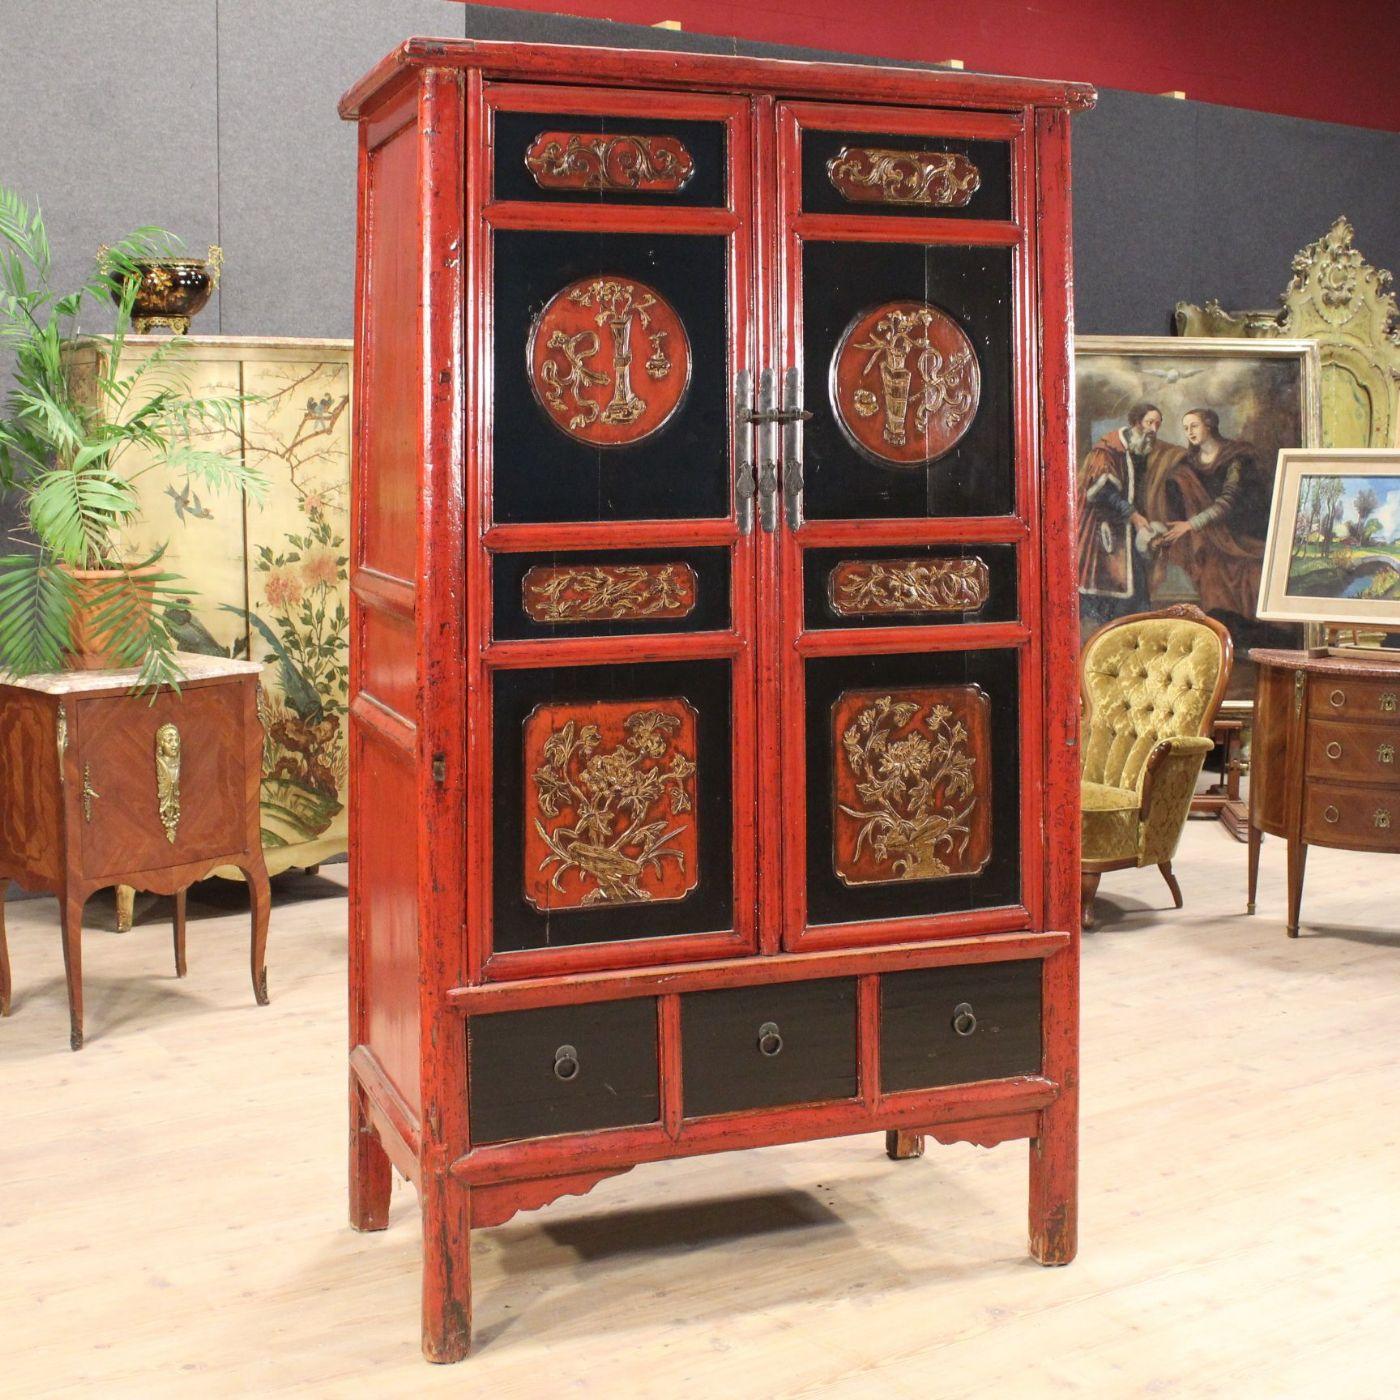 Armadio cinese in legno laccato del xx secolo antiquariato for Mobili 900 vendita